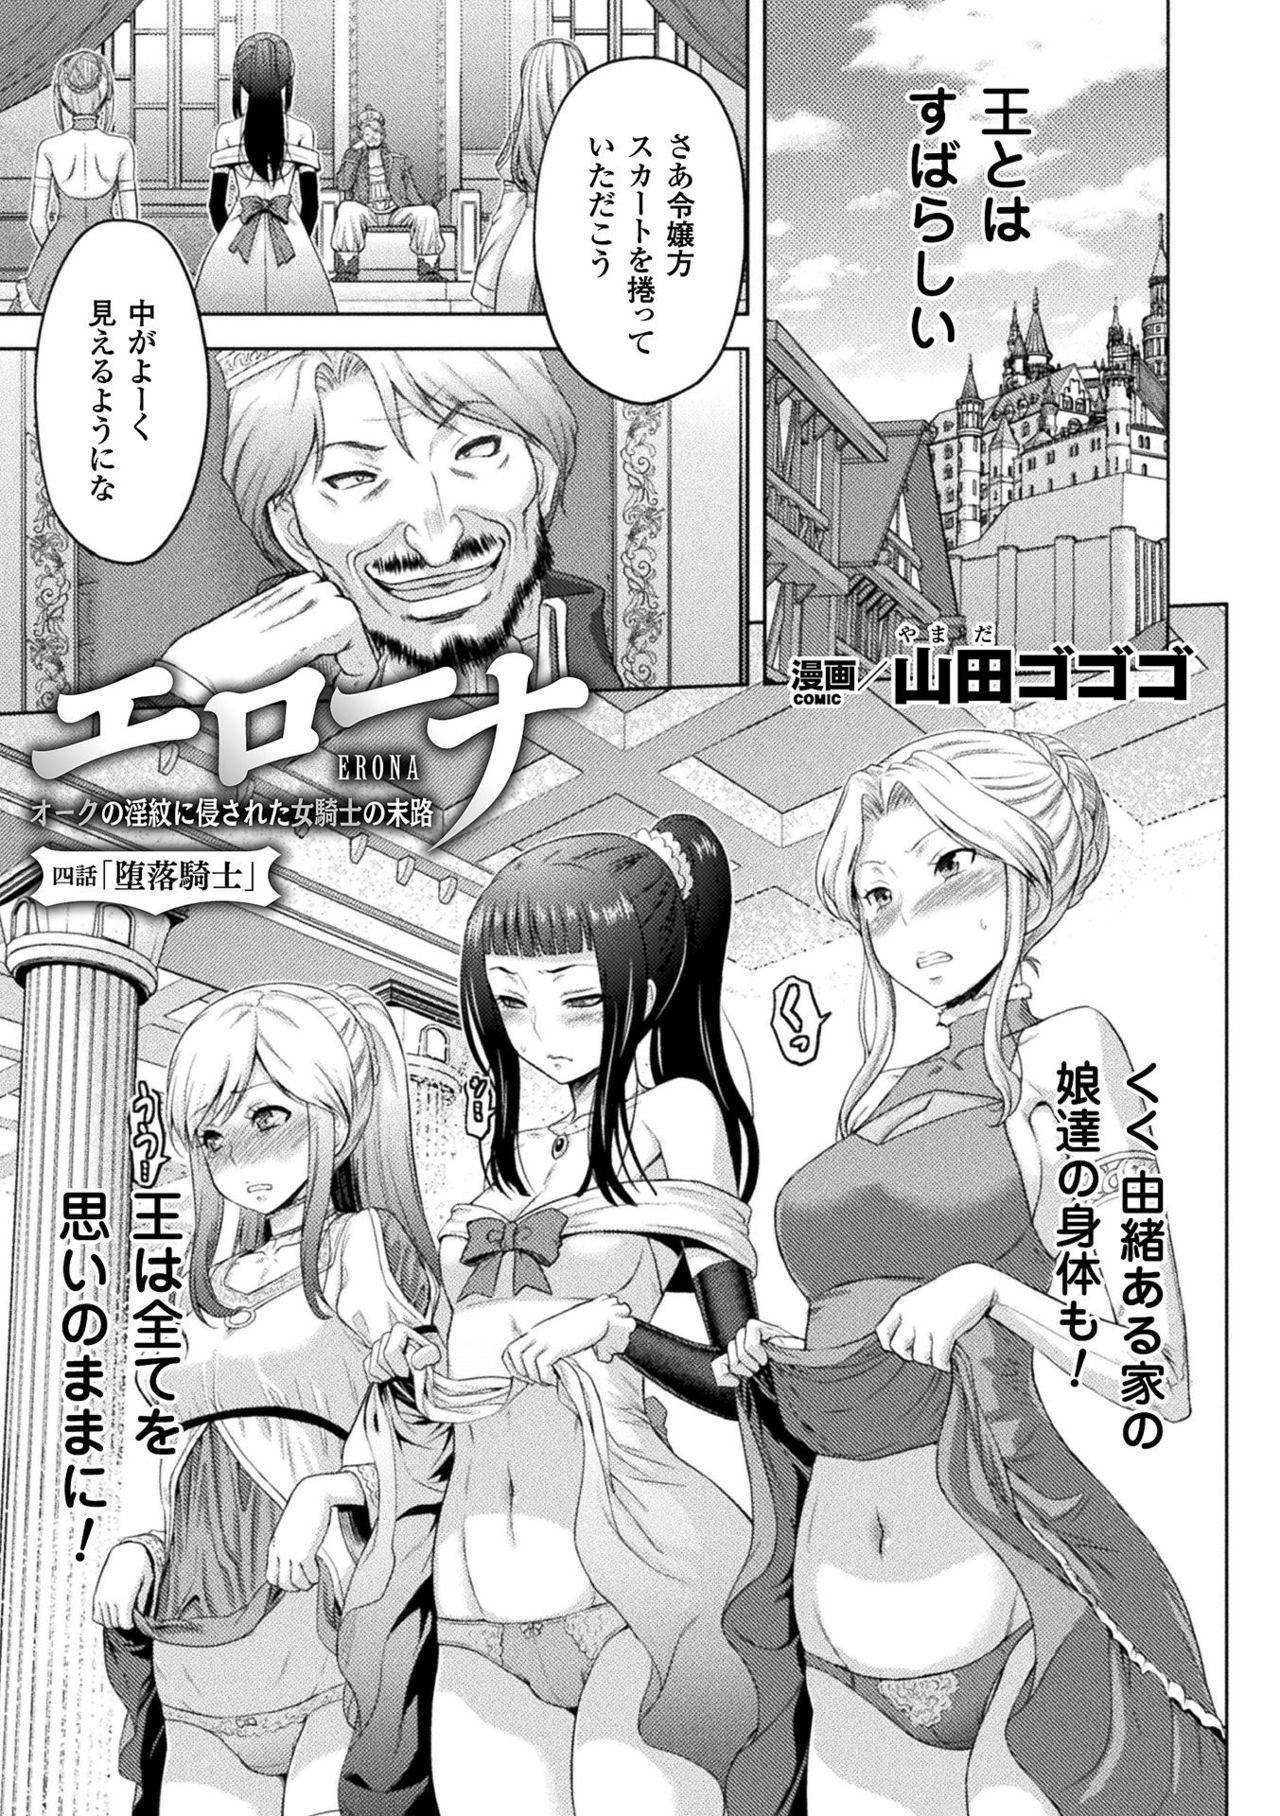 ERONA Orc no Inmon ni Okasareta Onna Kishi no Matsuro 74